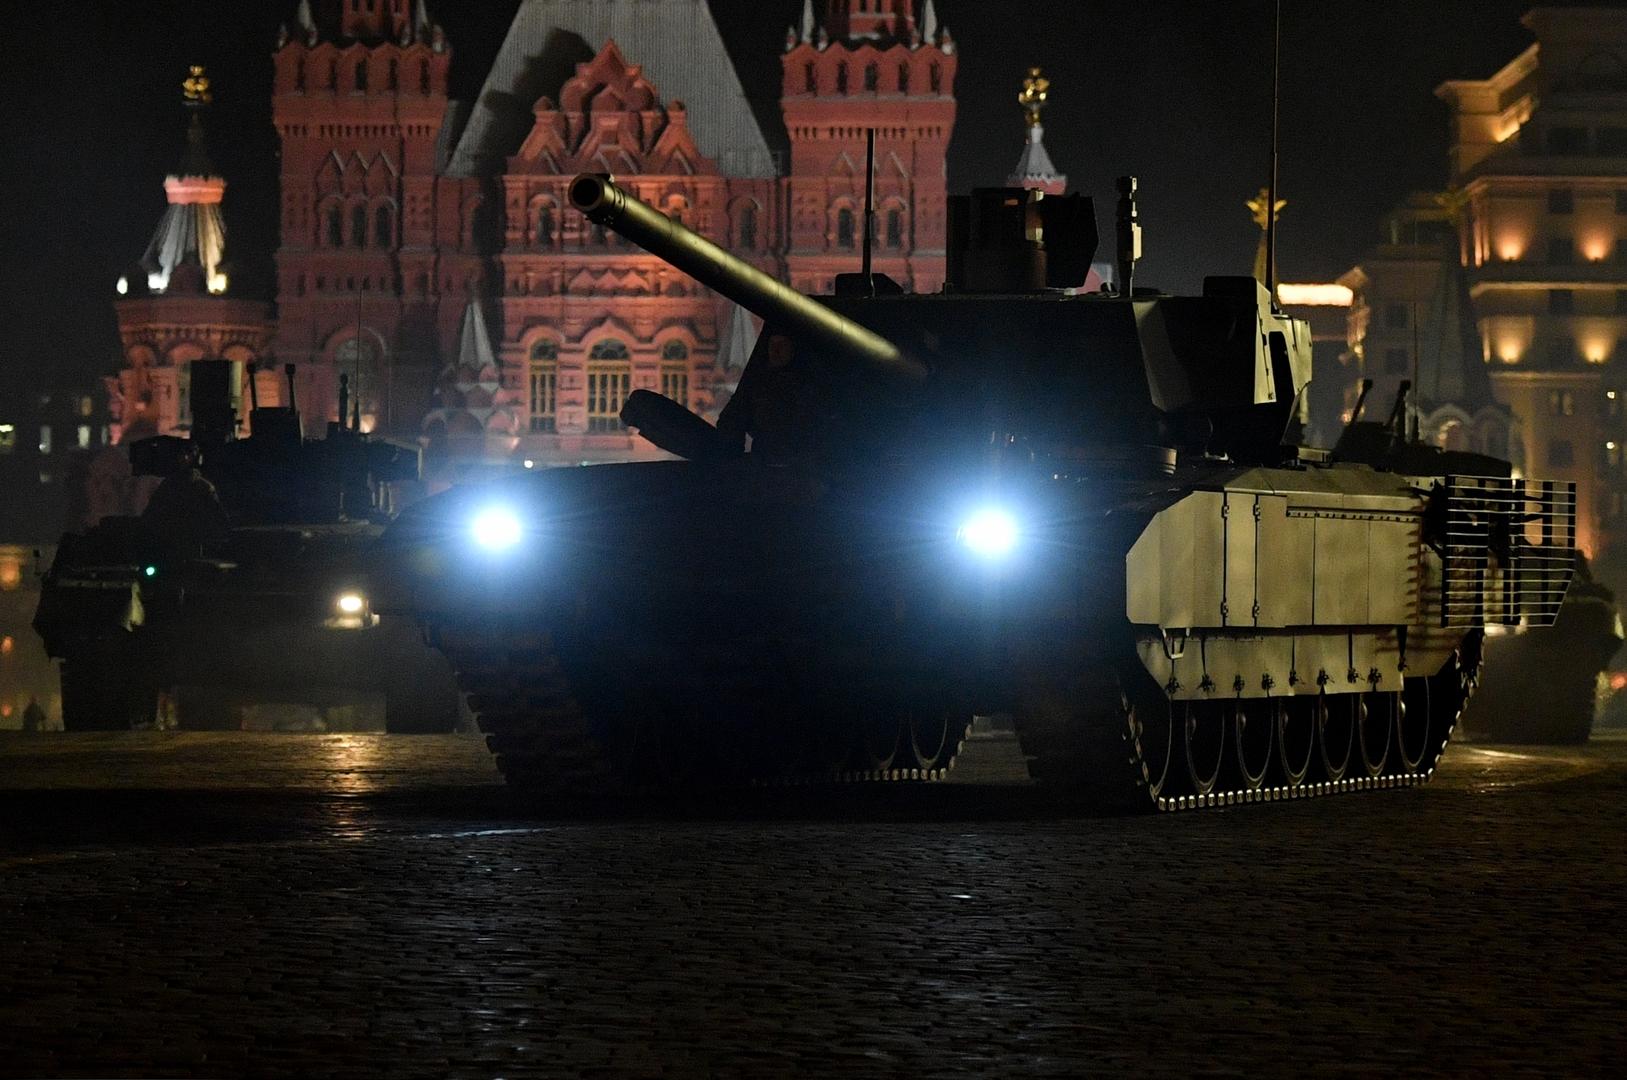 صحيفة روسية: مصر أبدت رغبتها في الحصول على دبابات